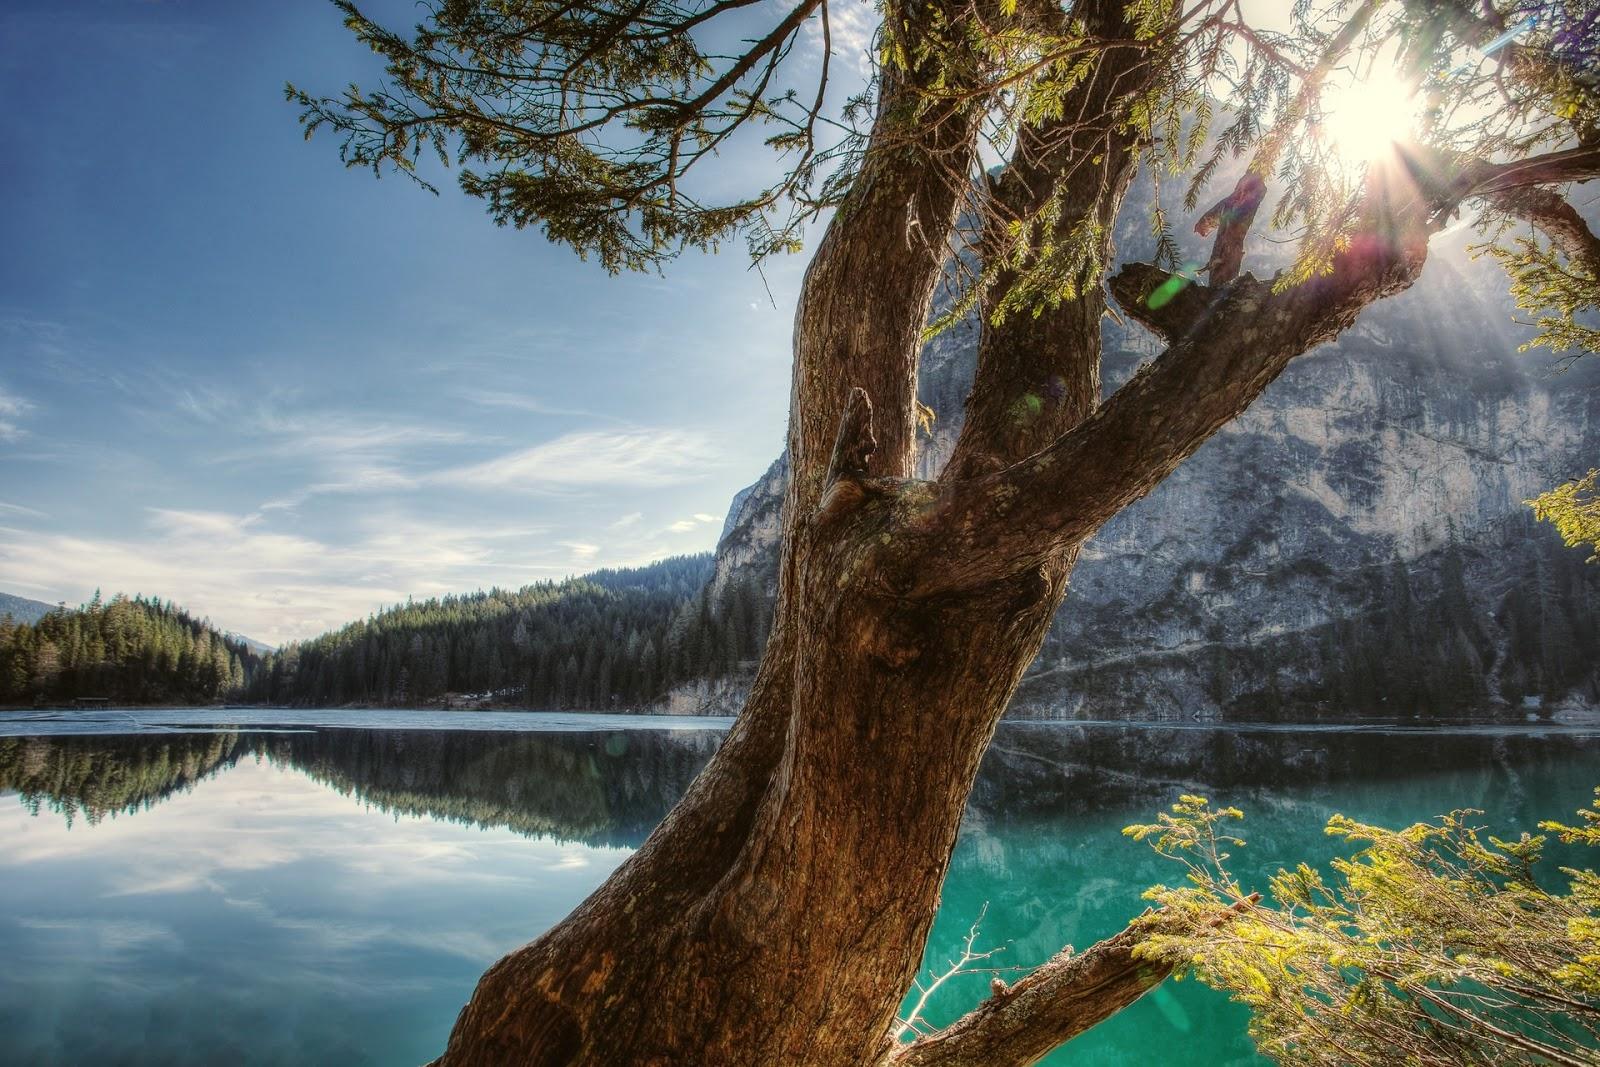 Wallpaper Gambar Pemandangan Alam Yang Indah Sekali Gambar